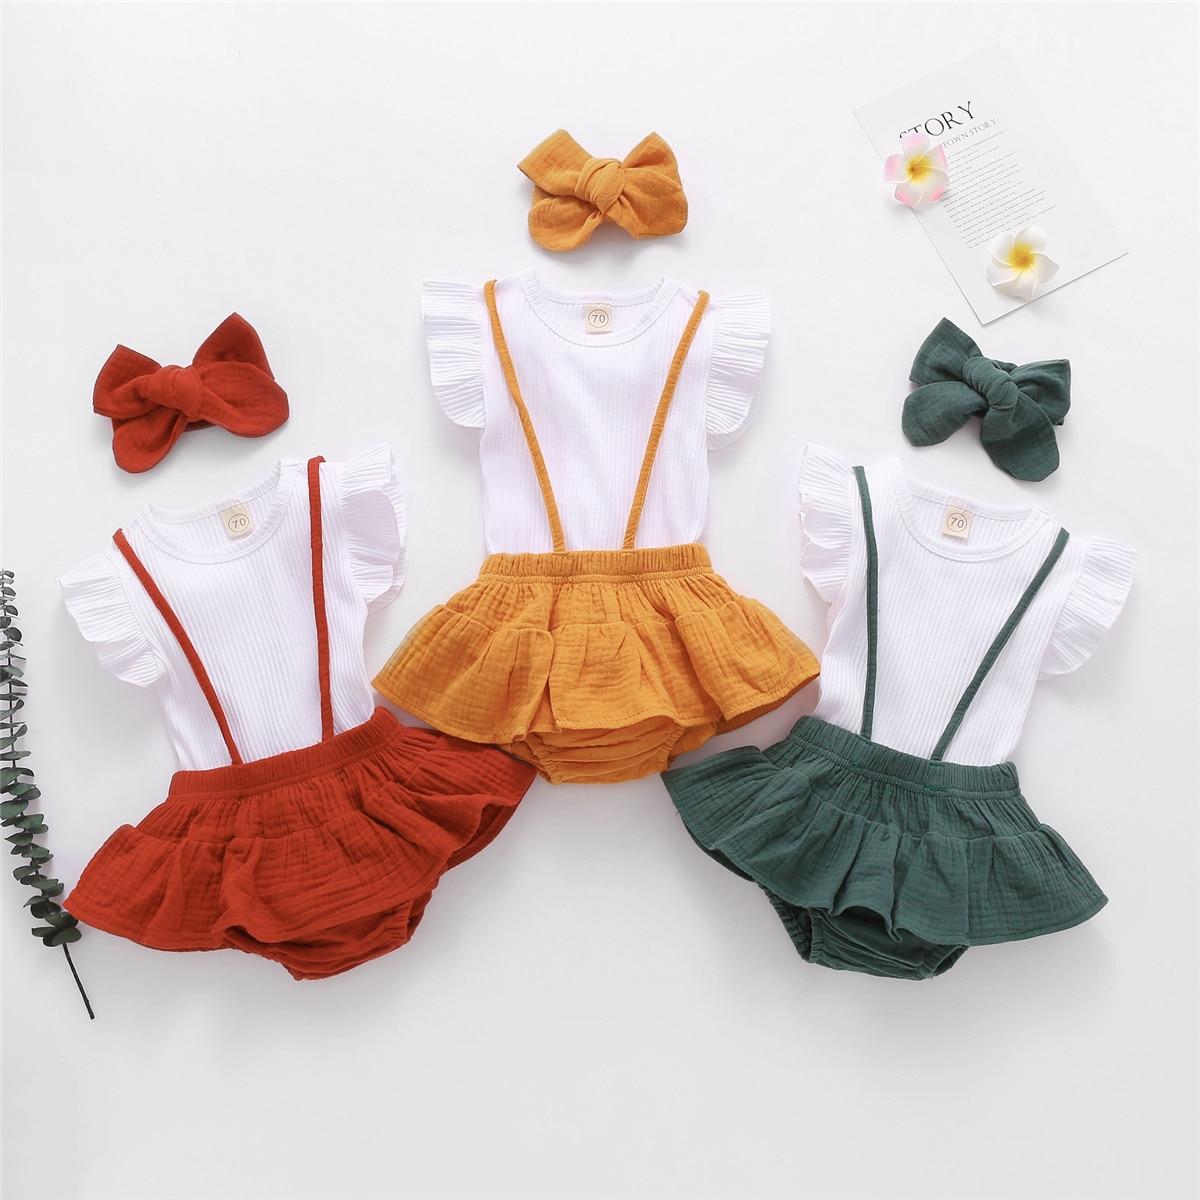 2021 летние товары первой необходимости для детей костюмы, Комплект из 3-х предметов для новорожденного, комплект повседневной детской одежды...